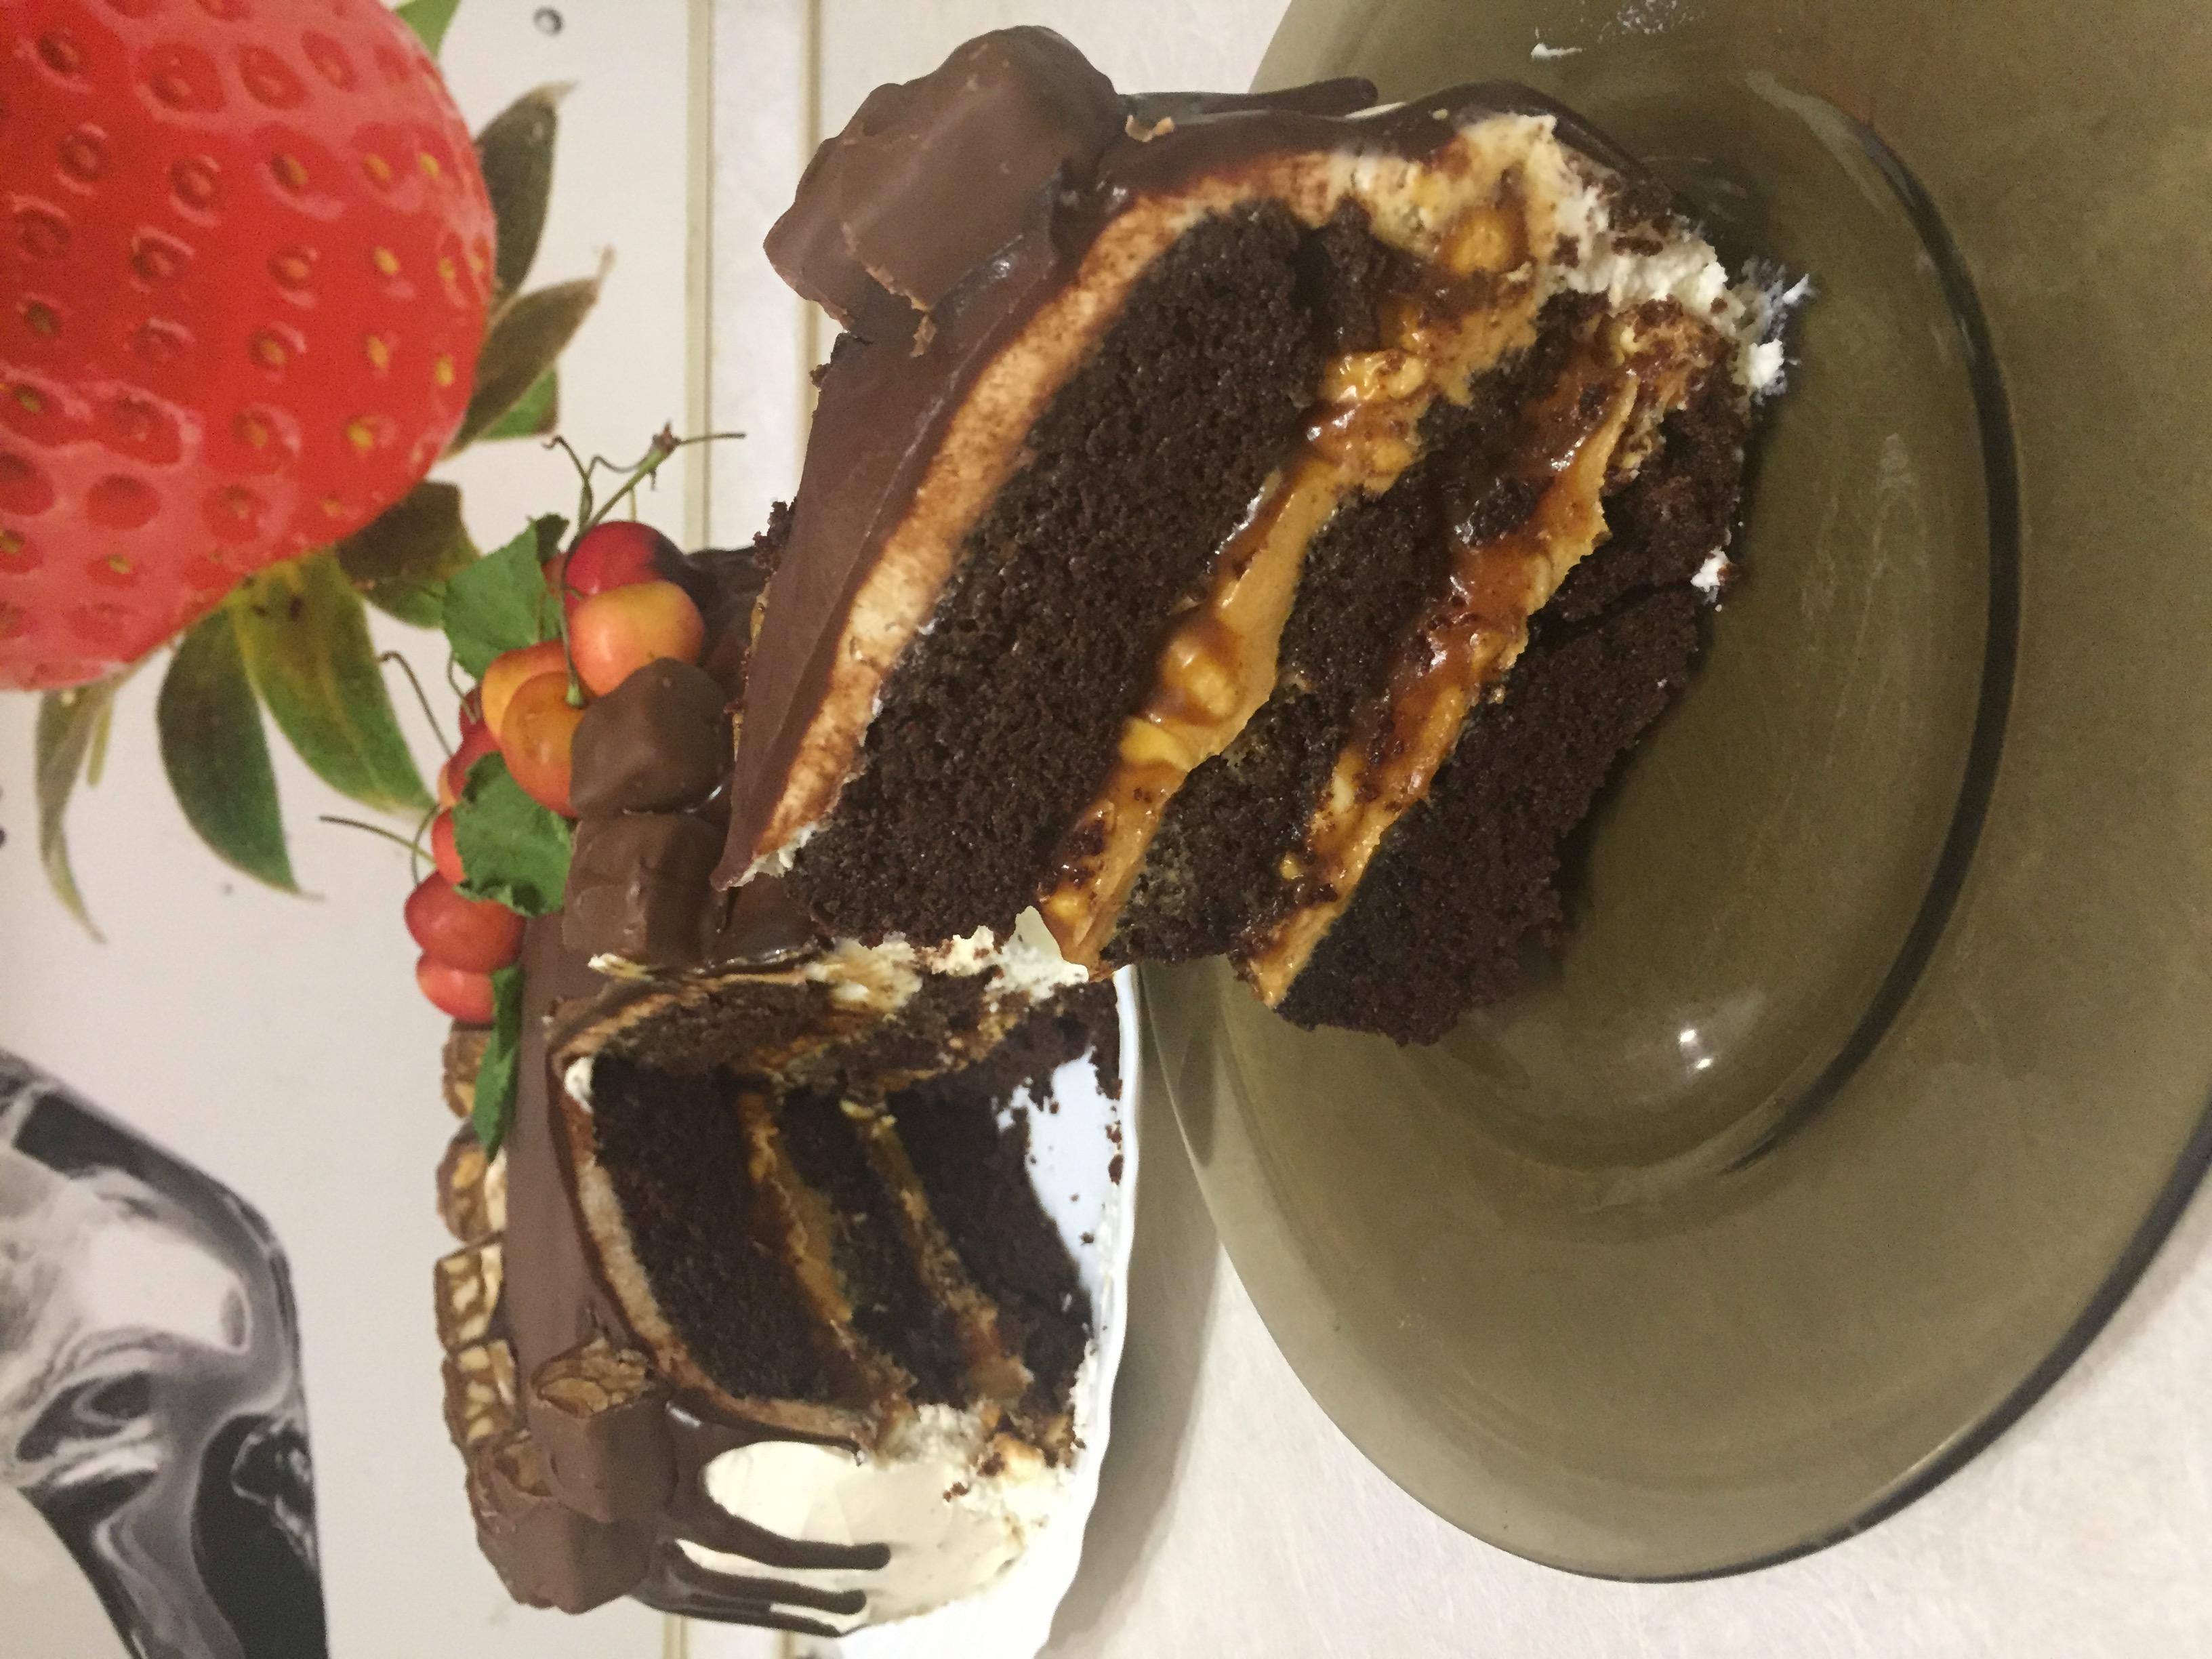 Цвет у теста для торта красный бархат должен быть бордовым, поэтому, если нужно, то можете добавить еще немного красителя.